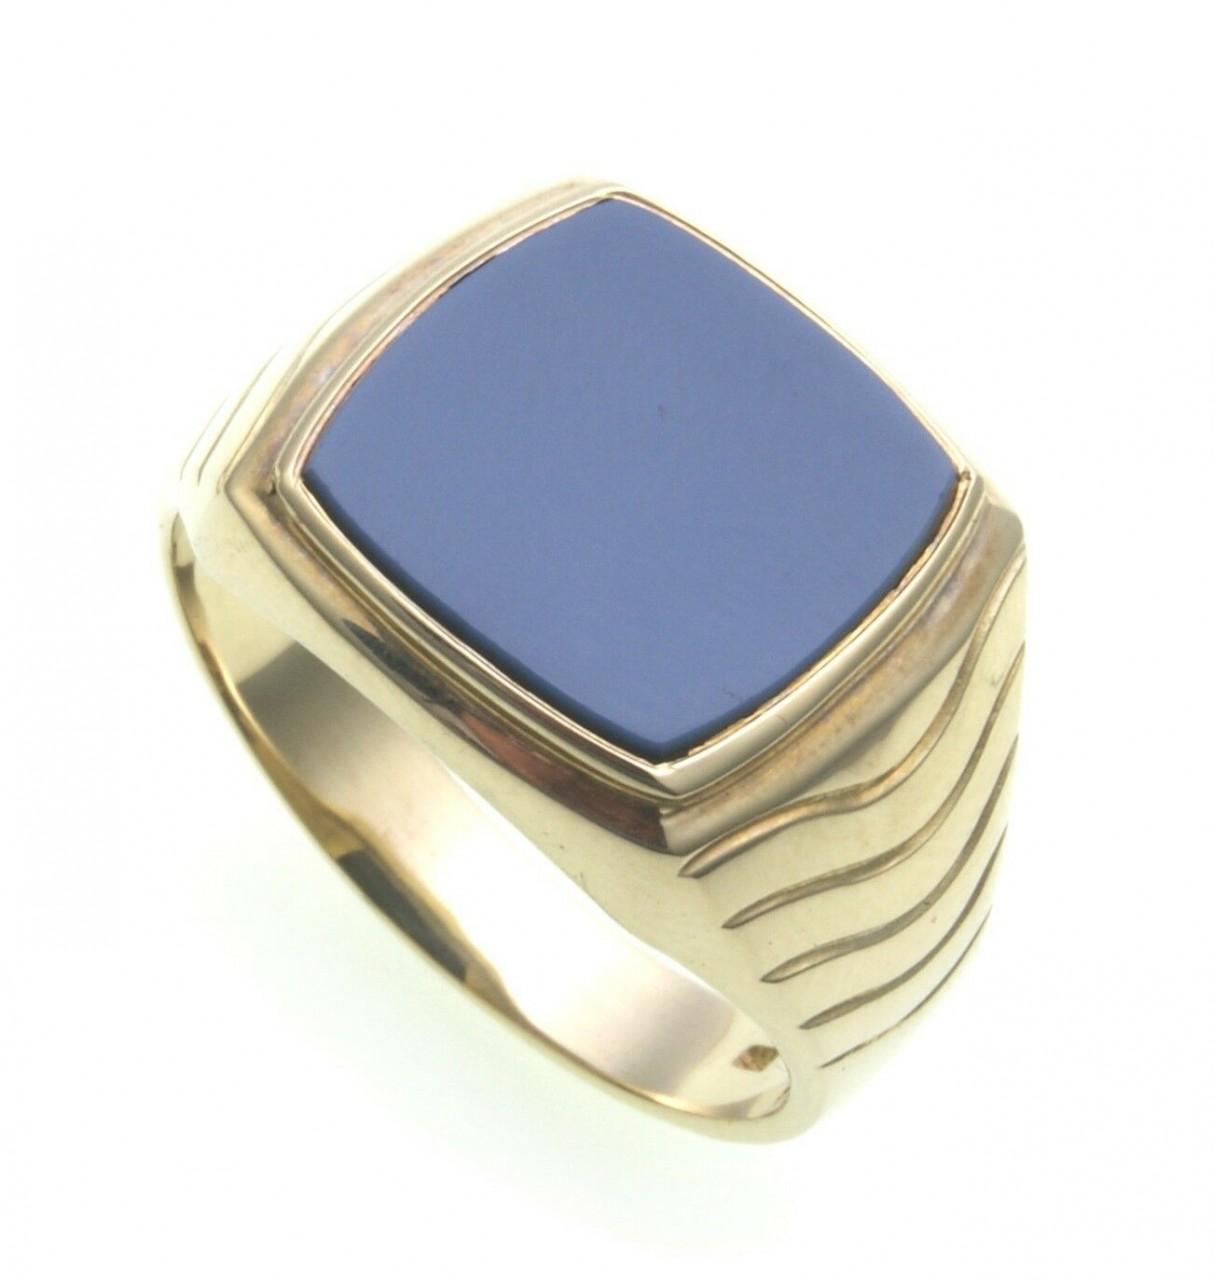 Herren Ring echt Gold 585 echt Lagenstein Siegelring 14kt Qualität blau Gelbgold